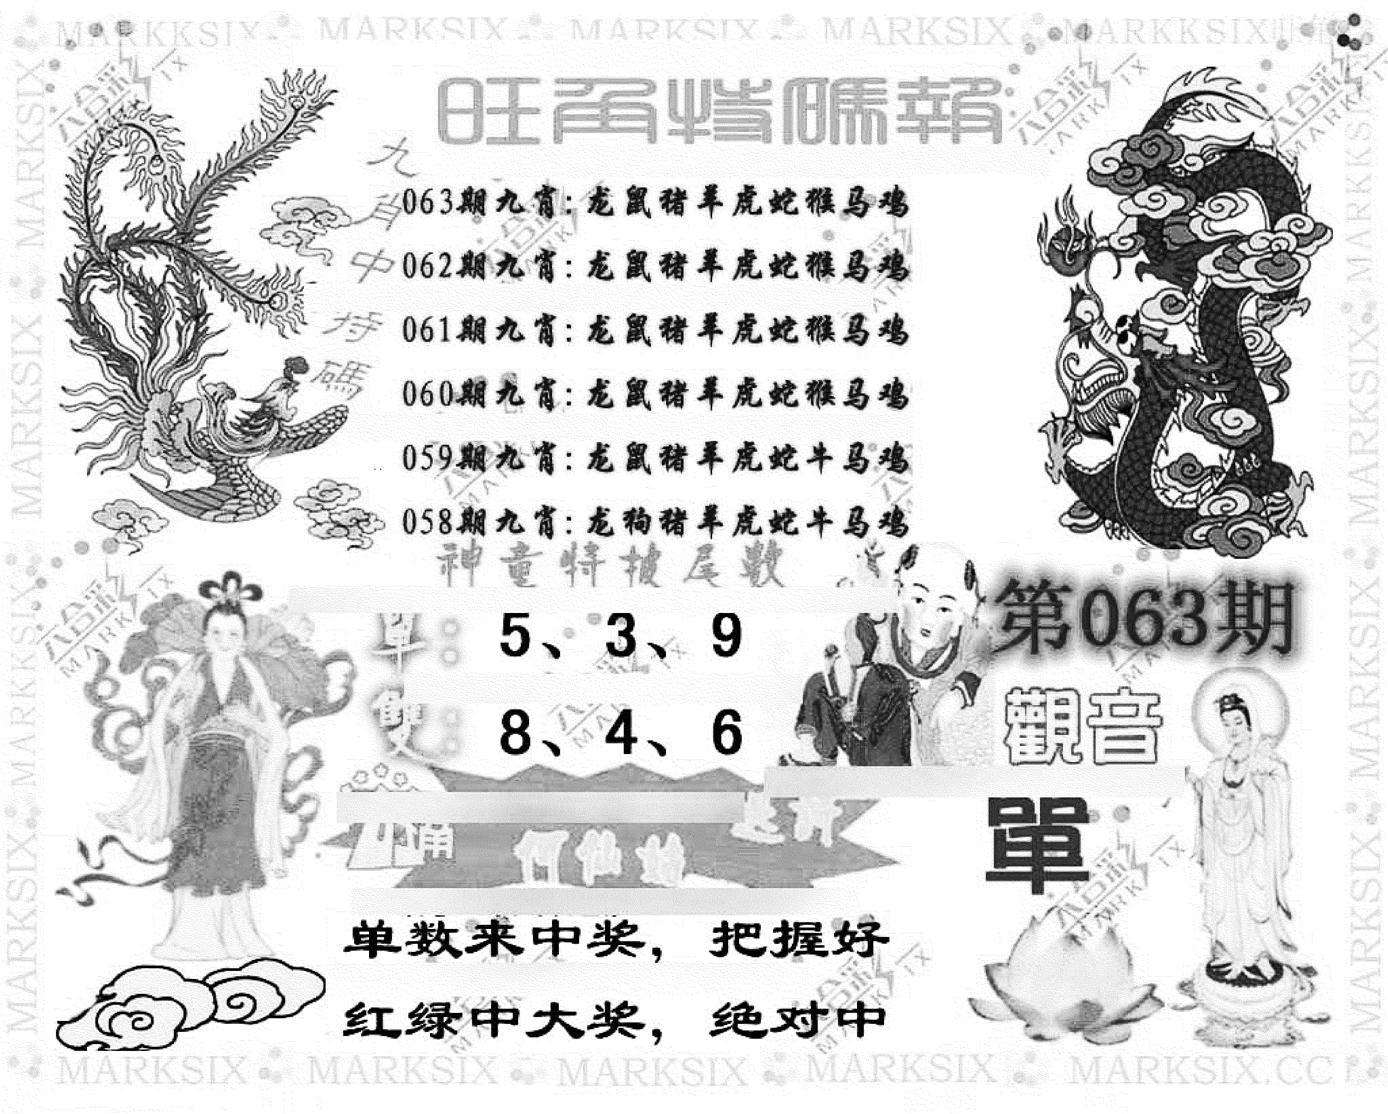 063期旺角特码报(彩)(黑白)